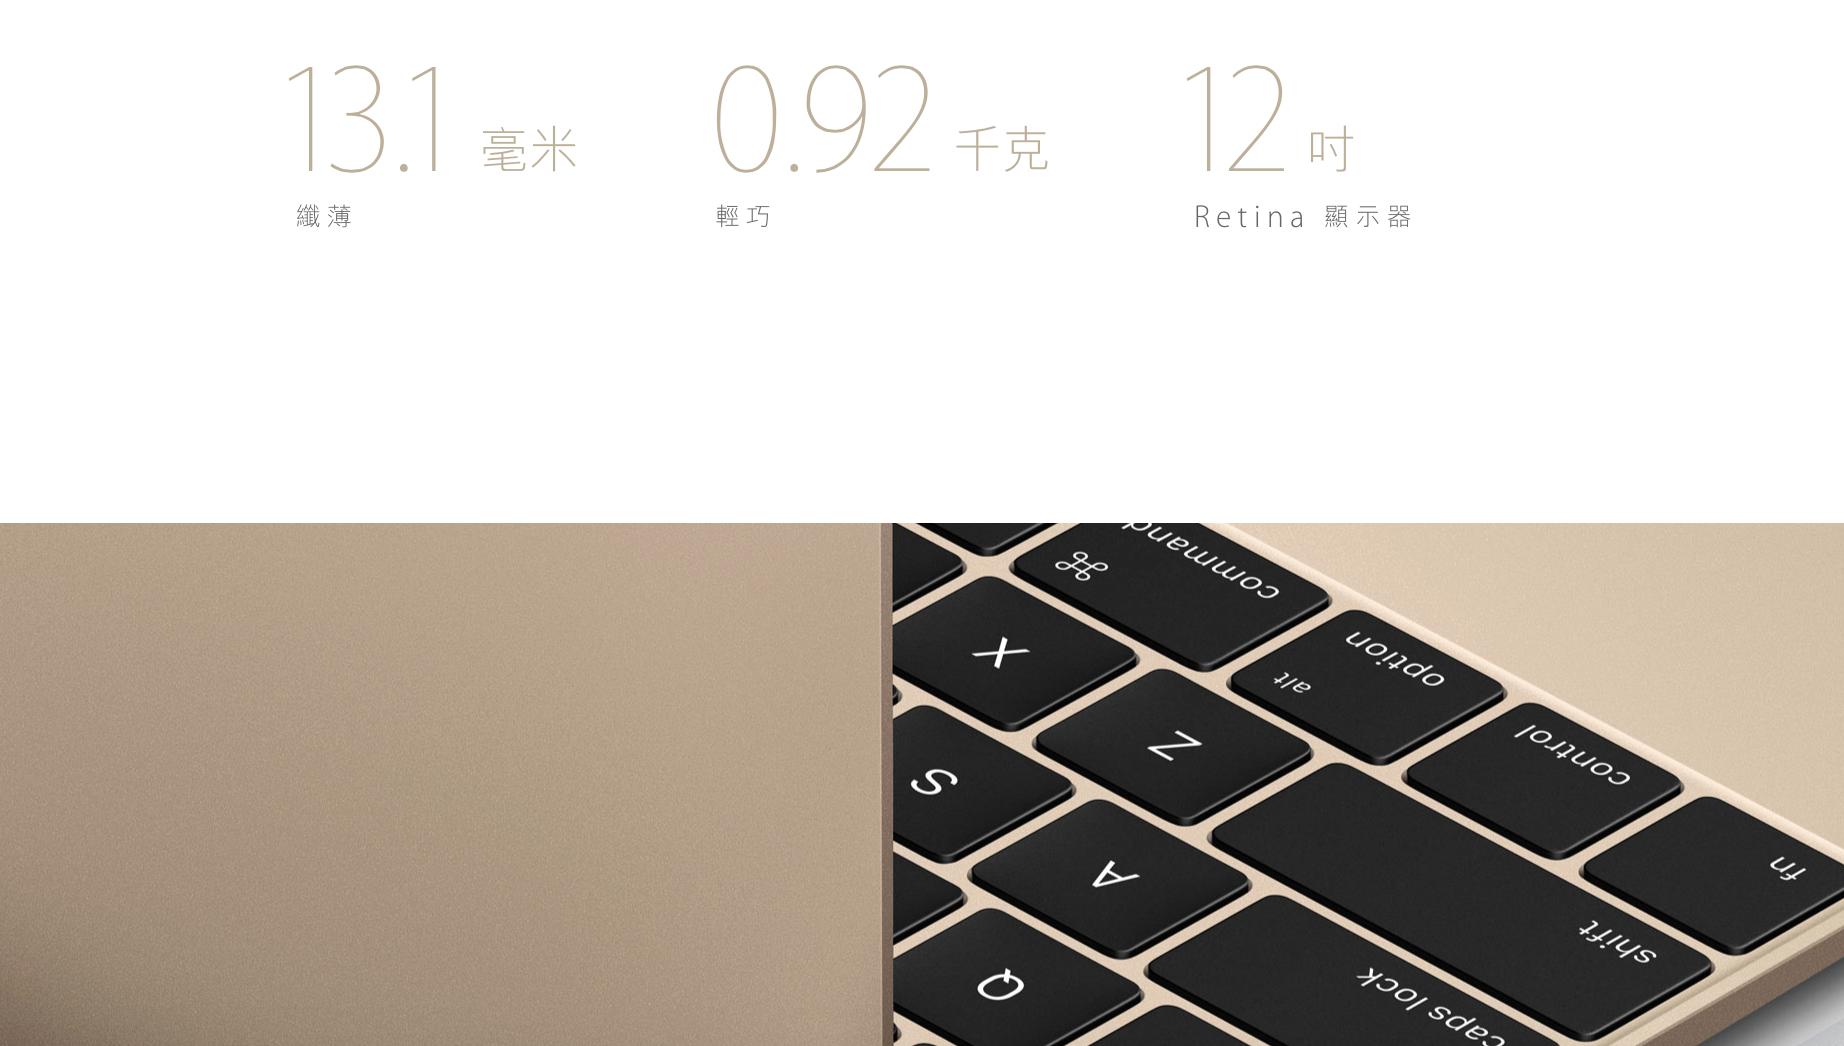 驚人的MacBook諸元。(蘋果官網)